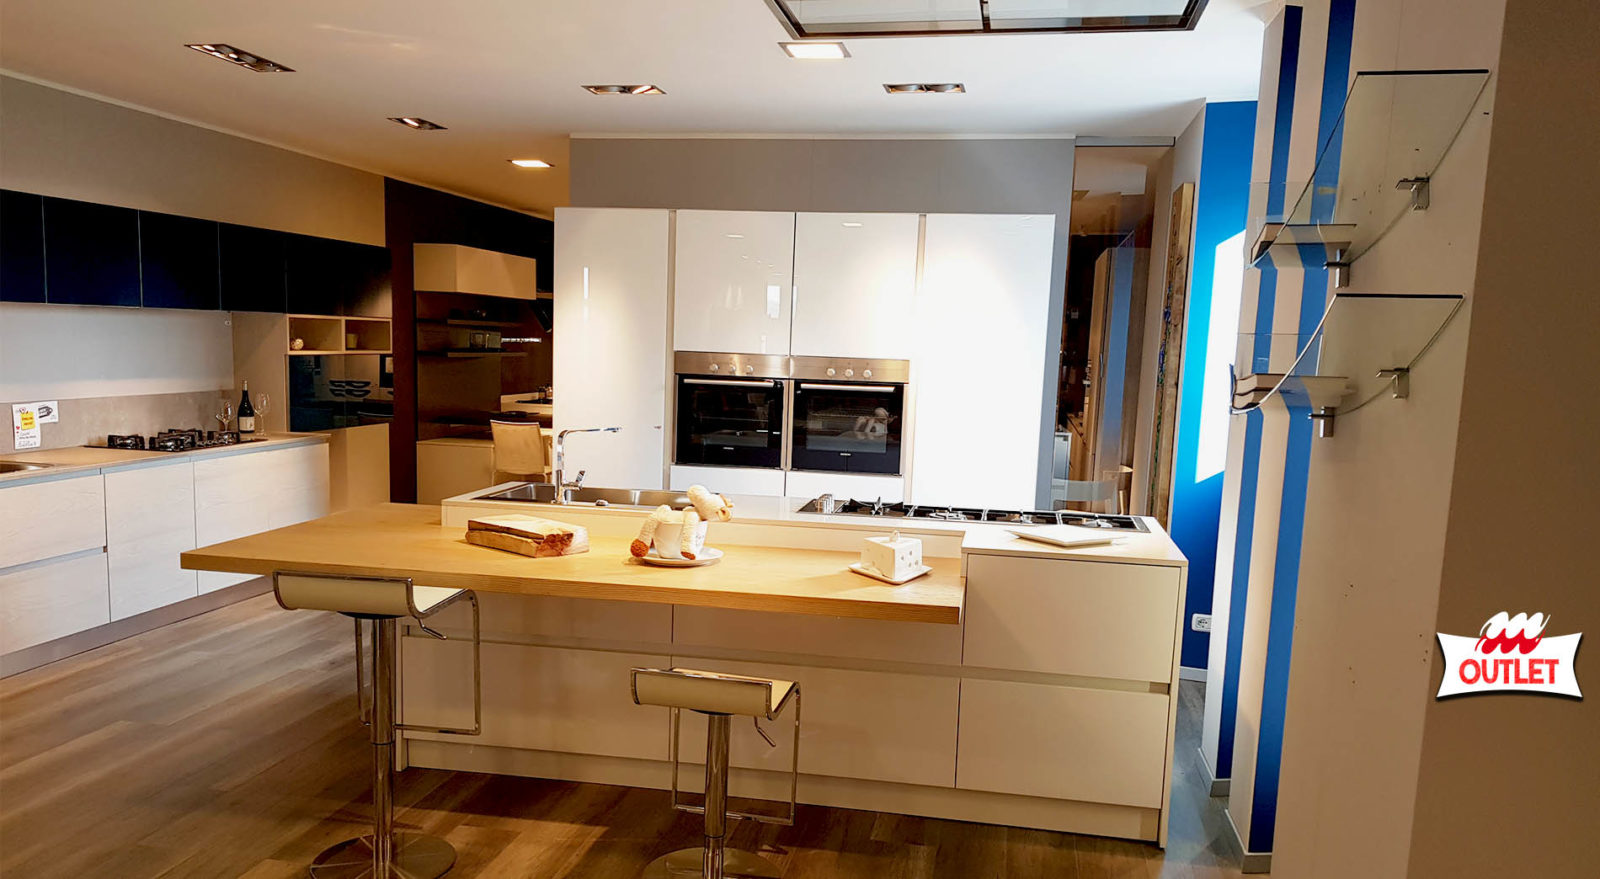 Ante Vetro Cucina cucina ante vetro e polimerico lucido -